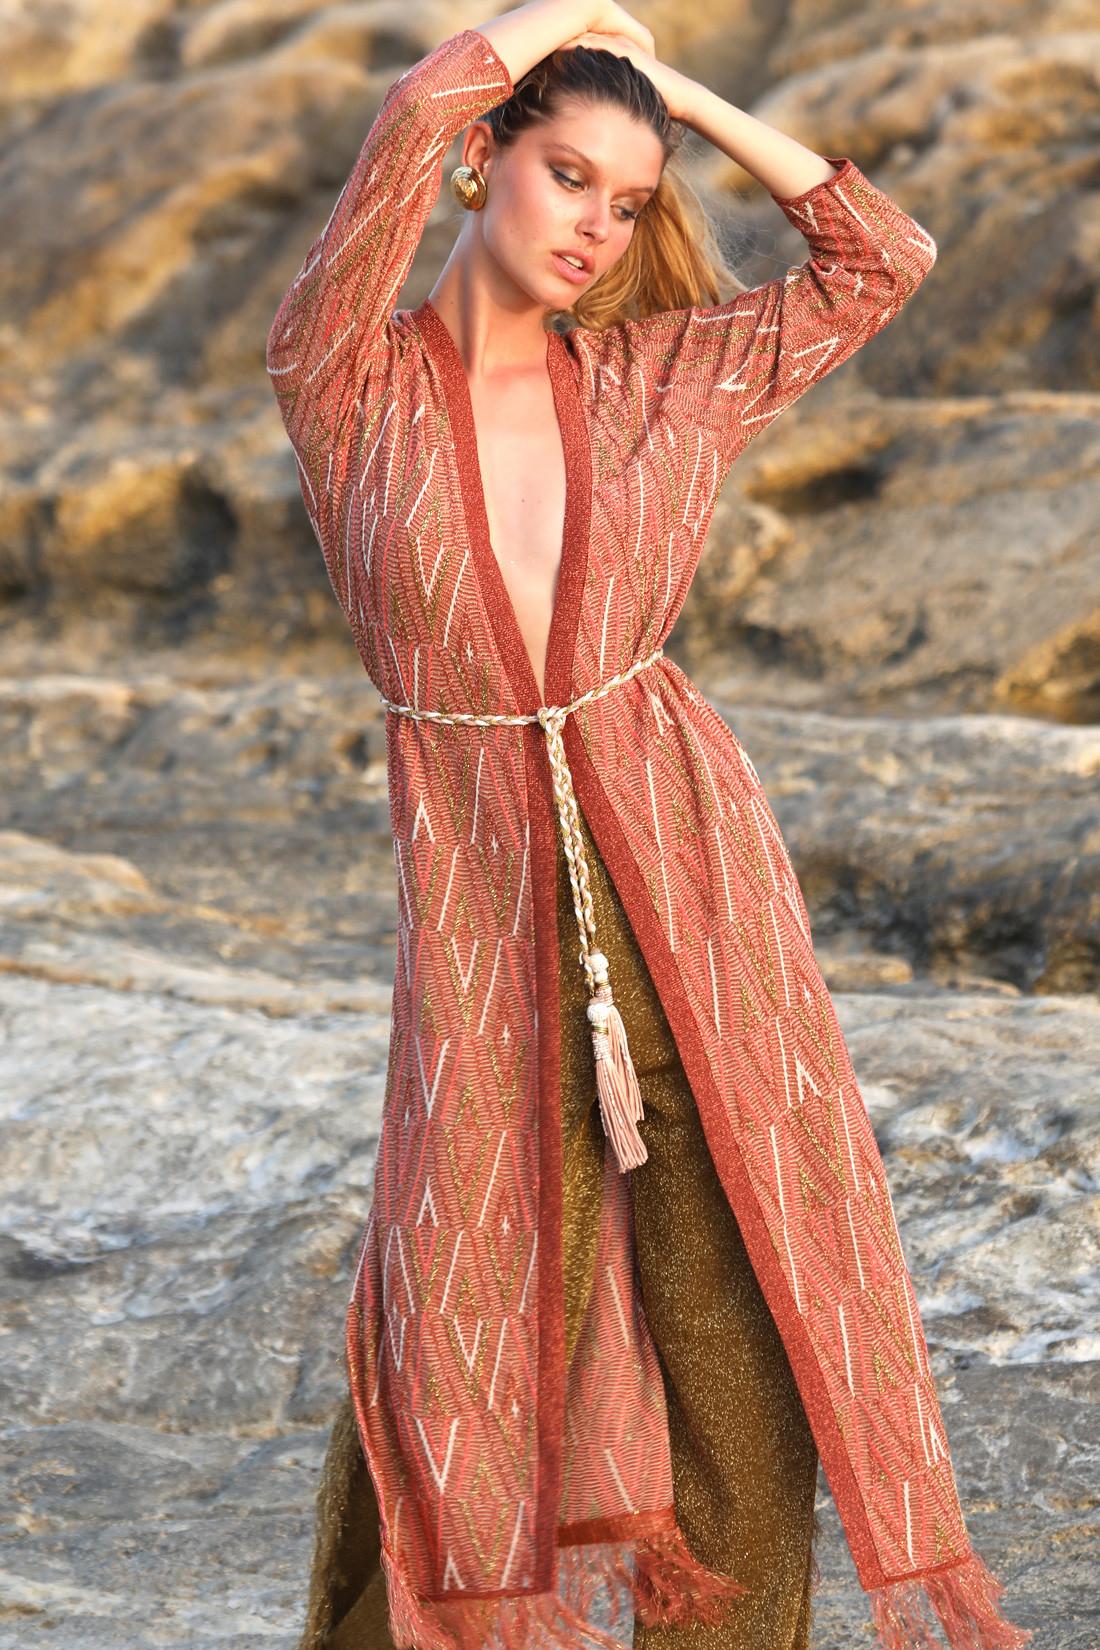 Long knitted fringe cardigan